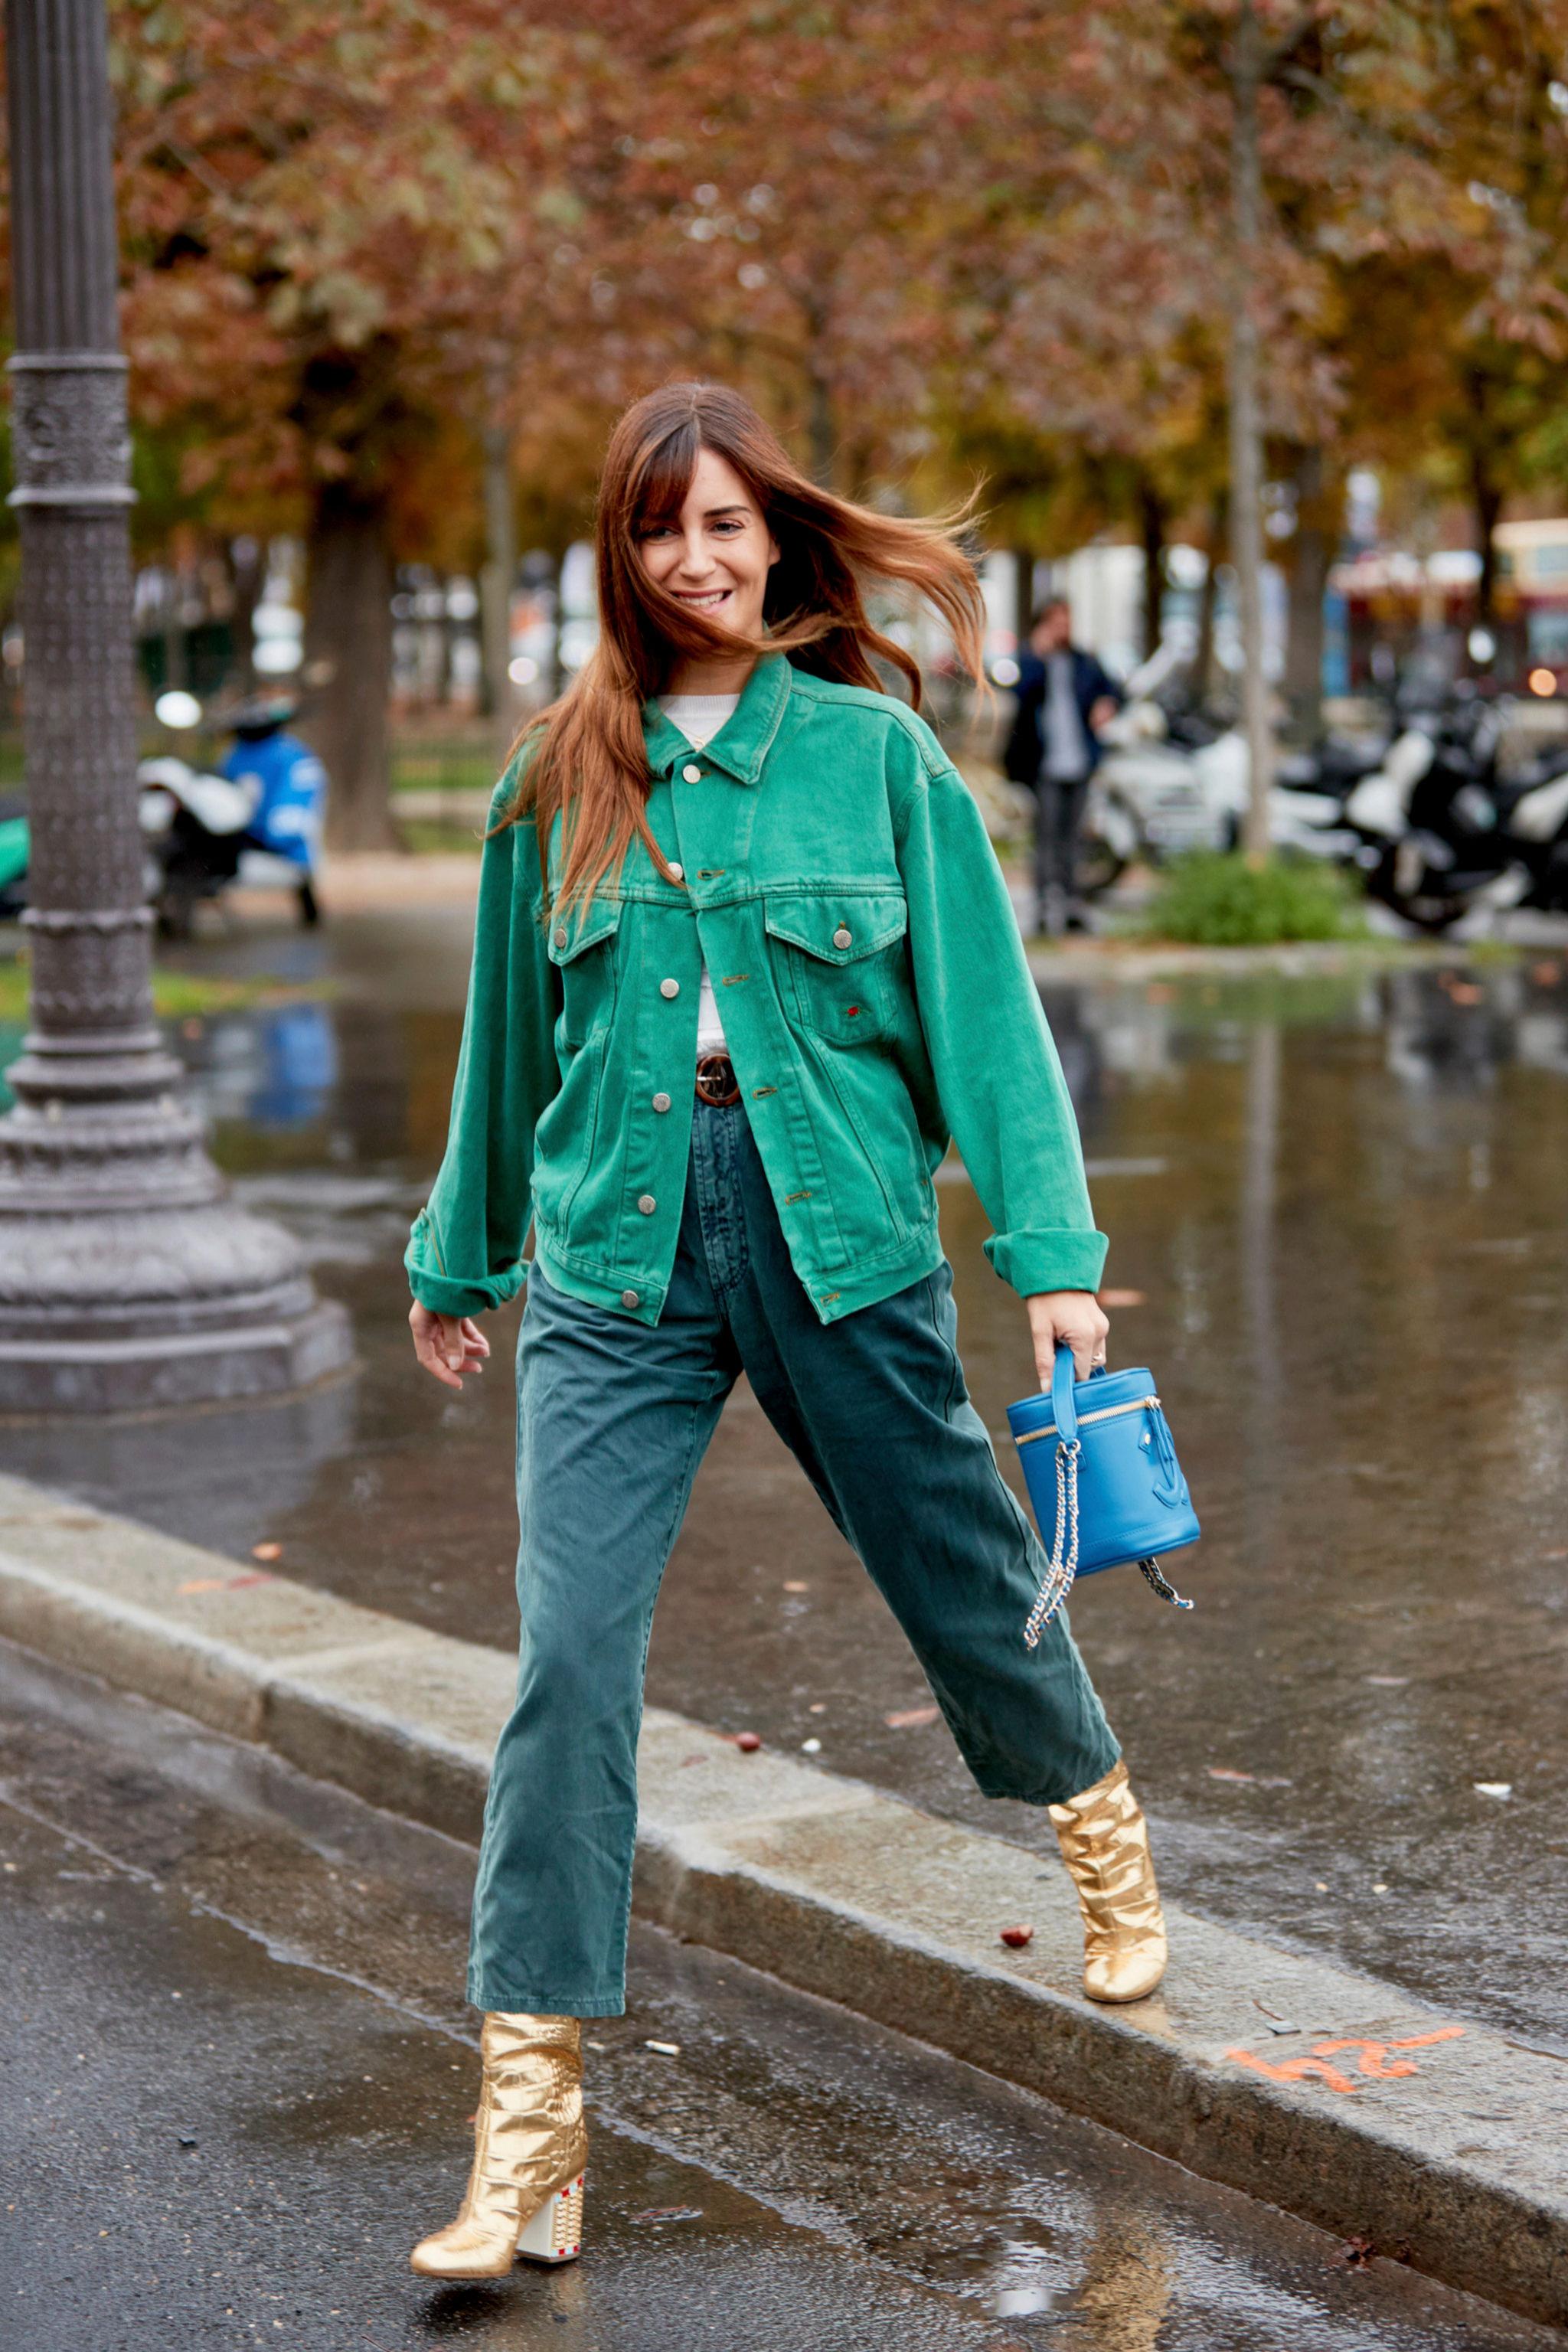 Un bolso de apariencia vintage (o vintage) le da un toque cool a un estilismo actual